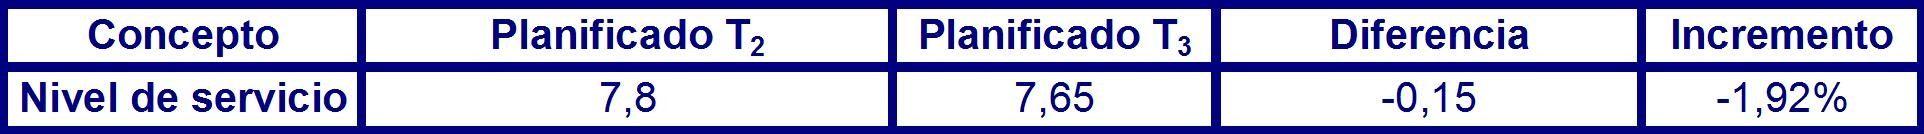 Tabla 41 desviación del nivel de servicio en el largo plazo en el periodo P2.